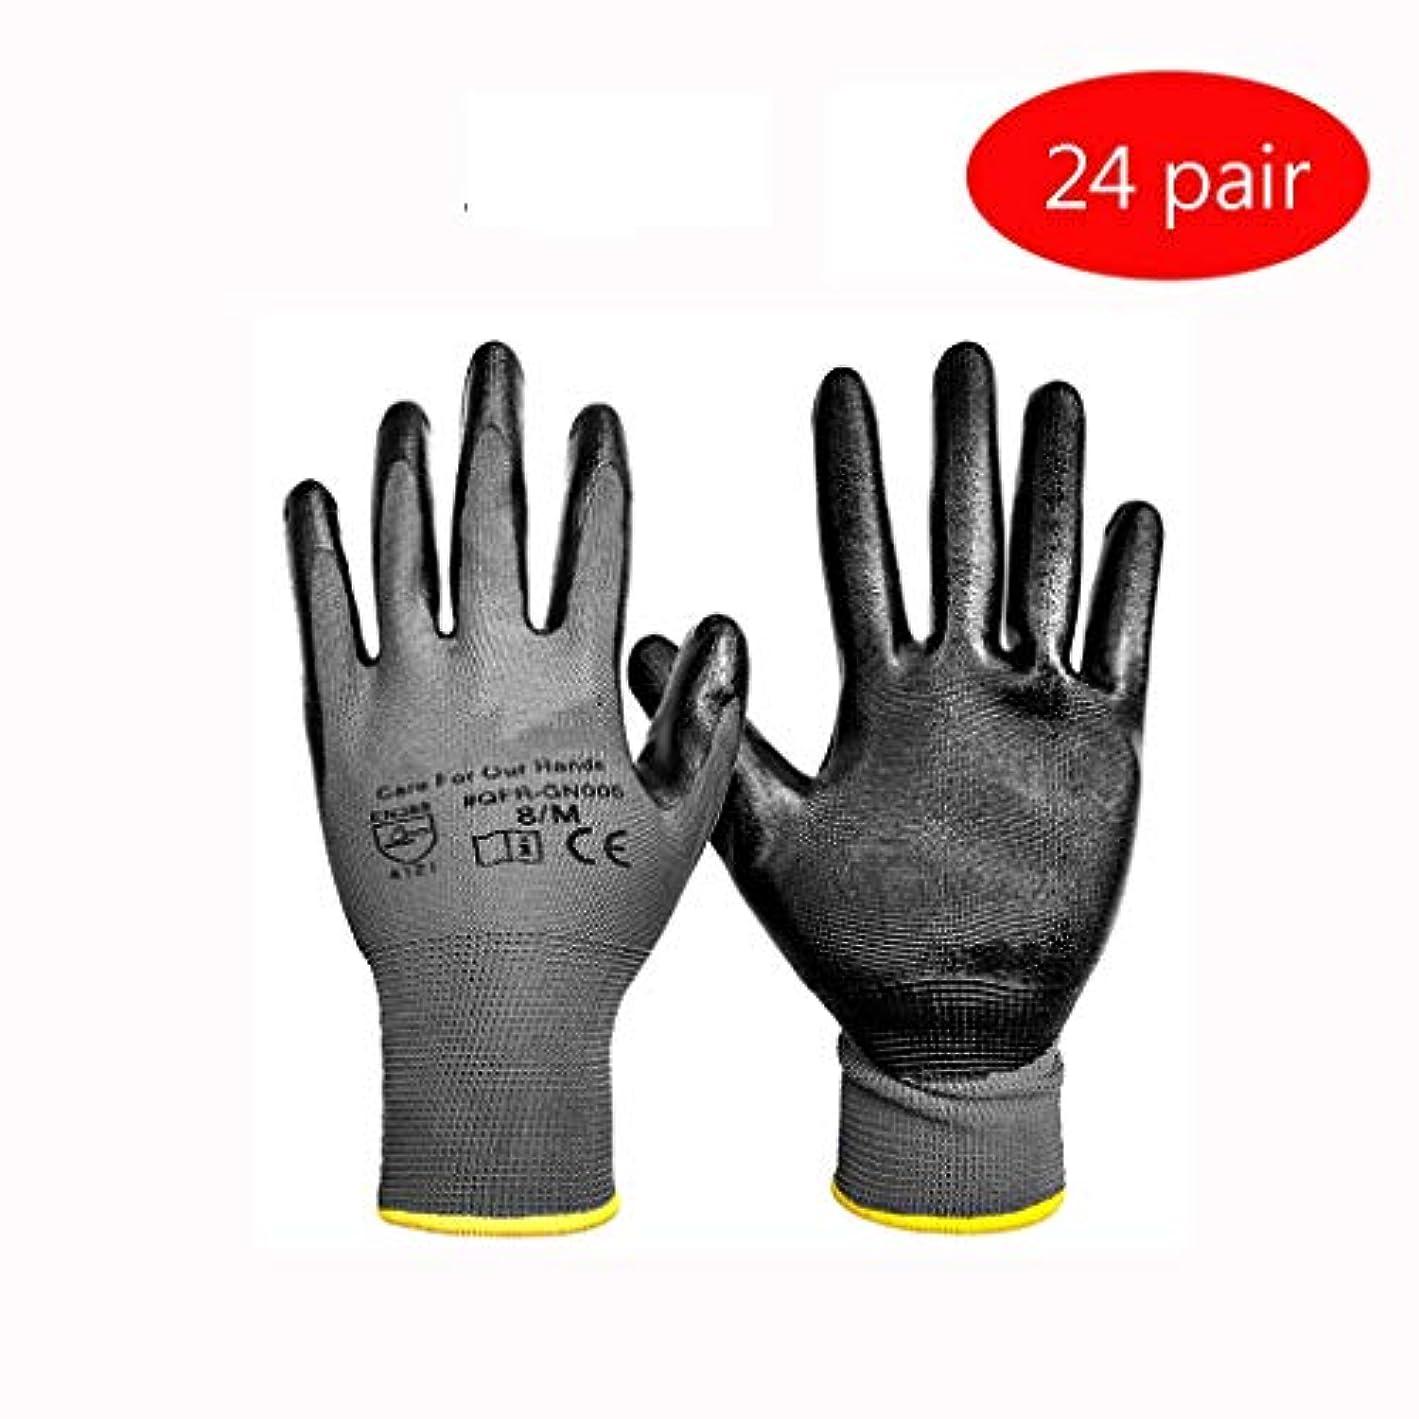 用心するじゃがいも暴力LIUXIN プラスチック手袋/丁ハオは、手のひらの労働保護手袋/メンテナンス整備士オイルプルーフ滑り止め手袋/サイトハンドリング着用手袋/ -24を塗装 ゴム手袋 (サイズ さいず : Xl xl)